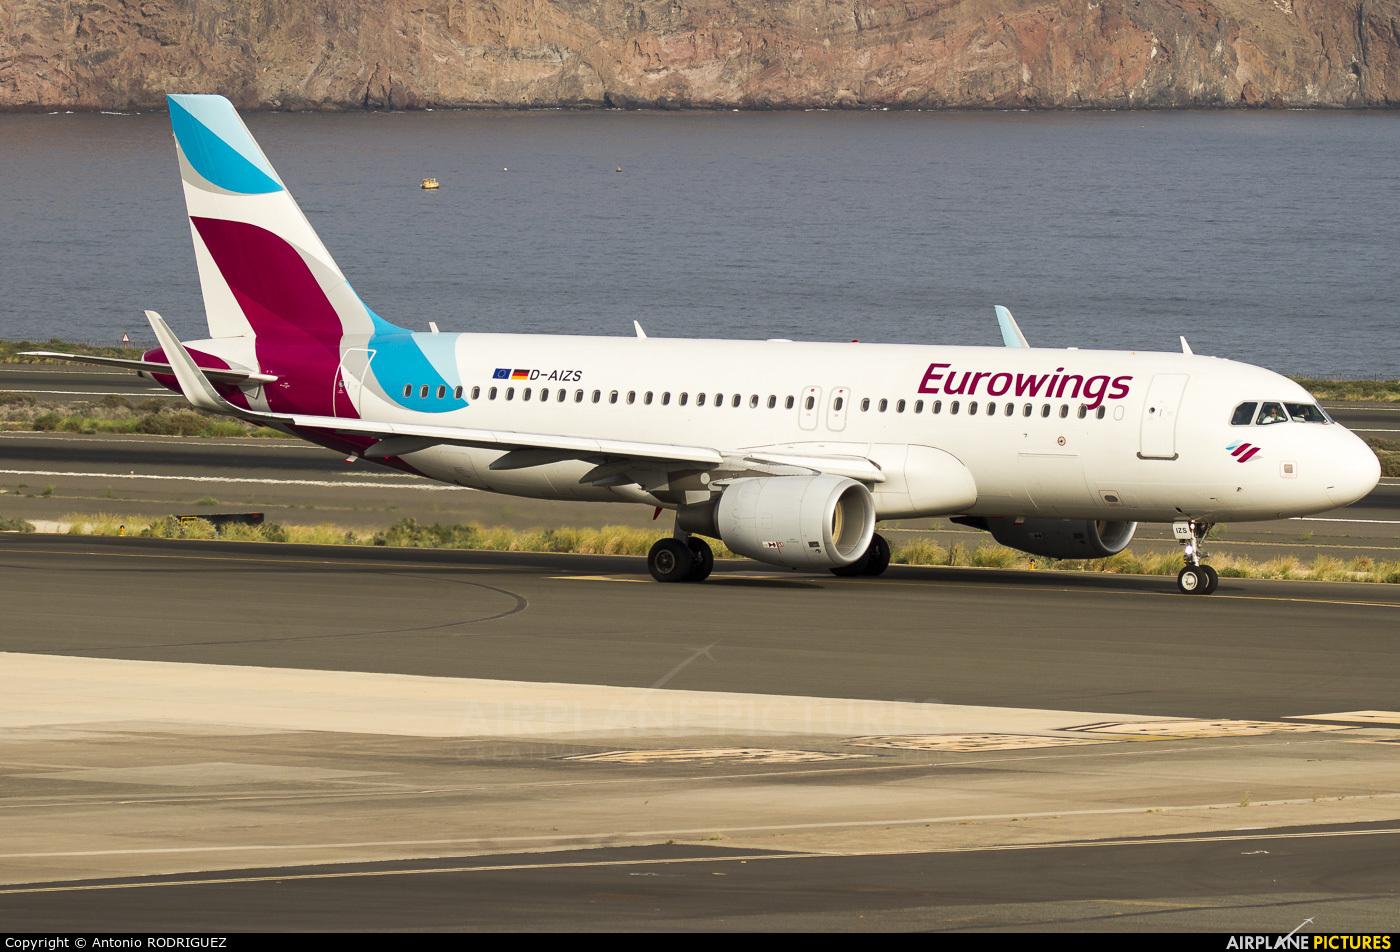 Eurowings D-AIZS aircraft at Las Palmas de Gran Canaria